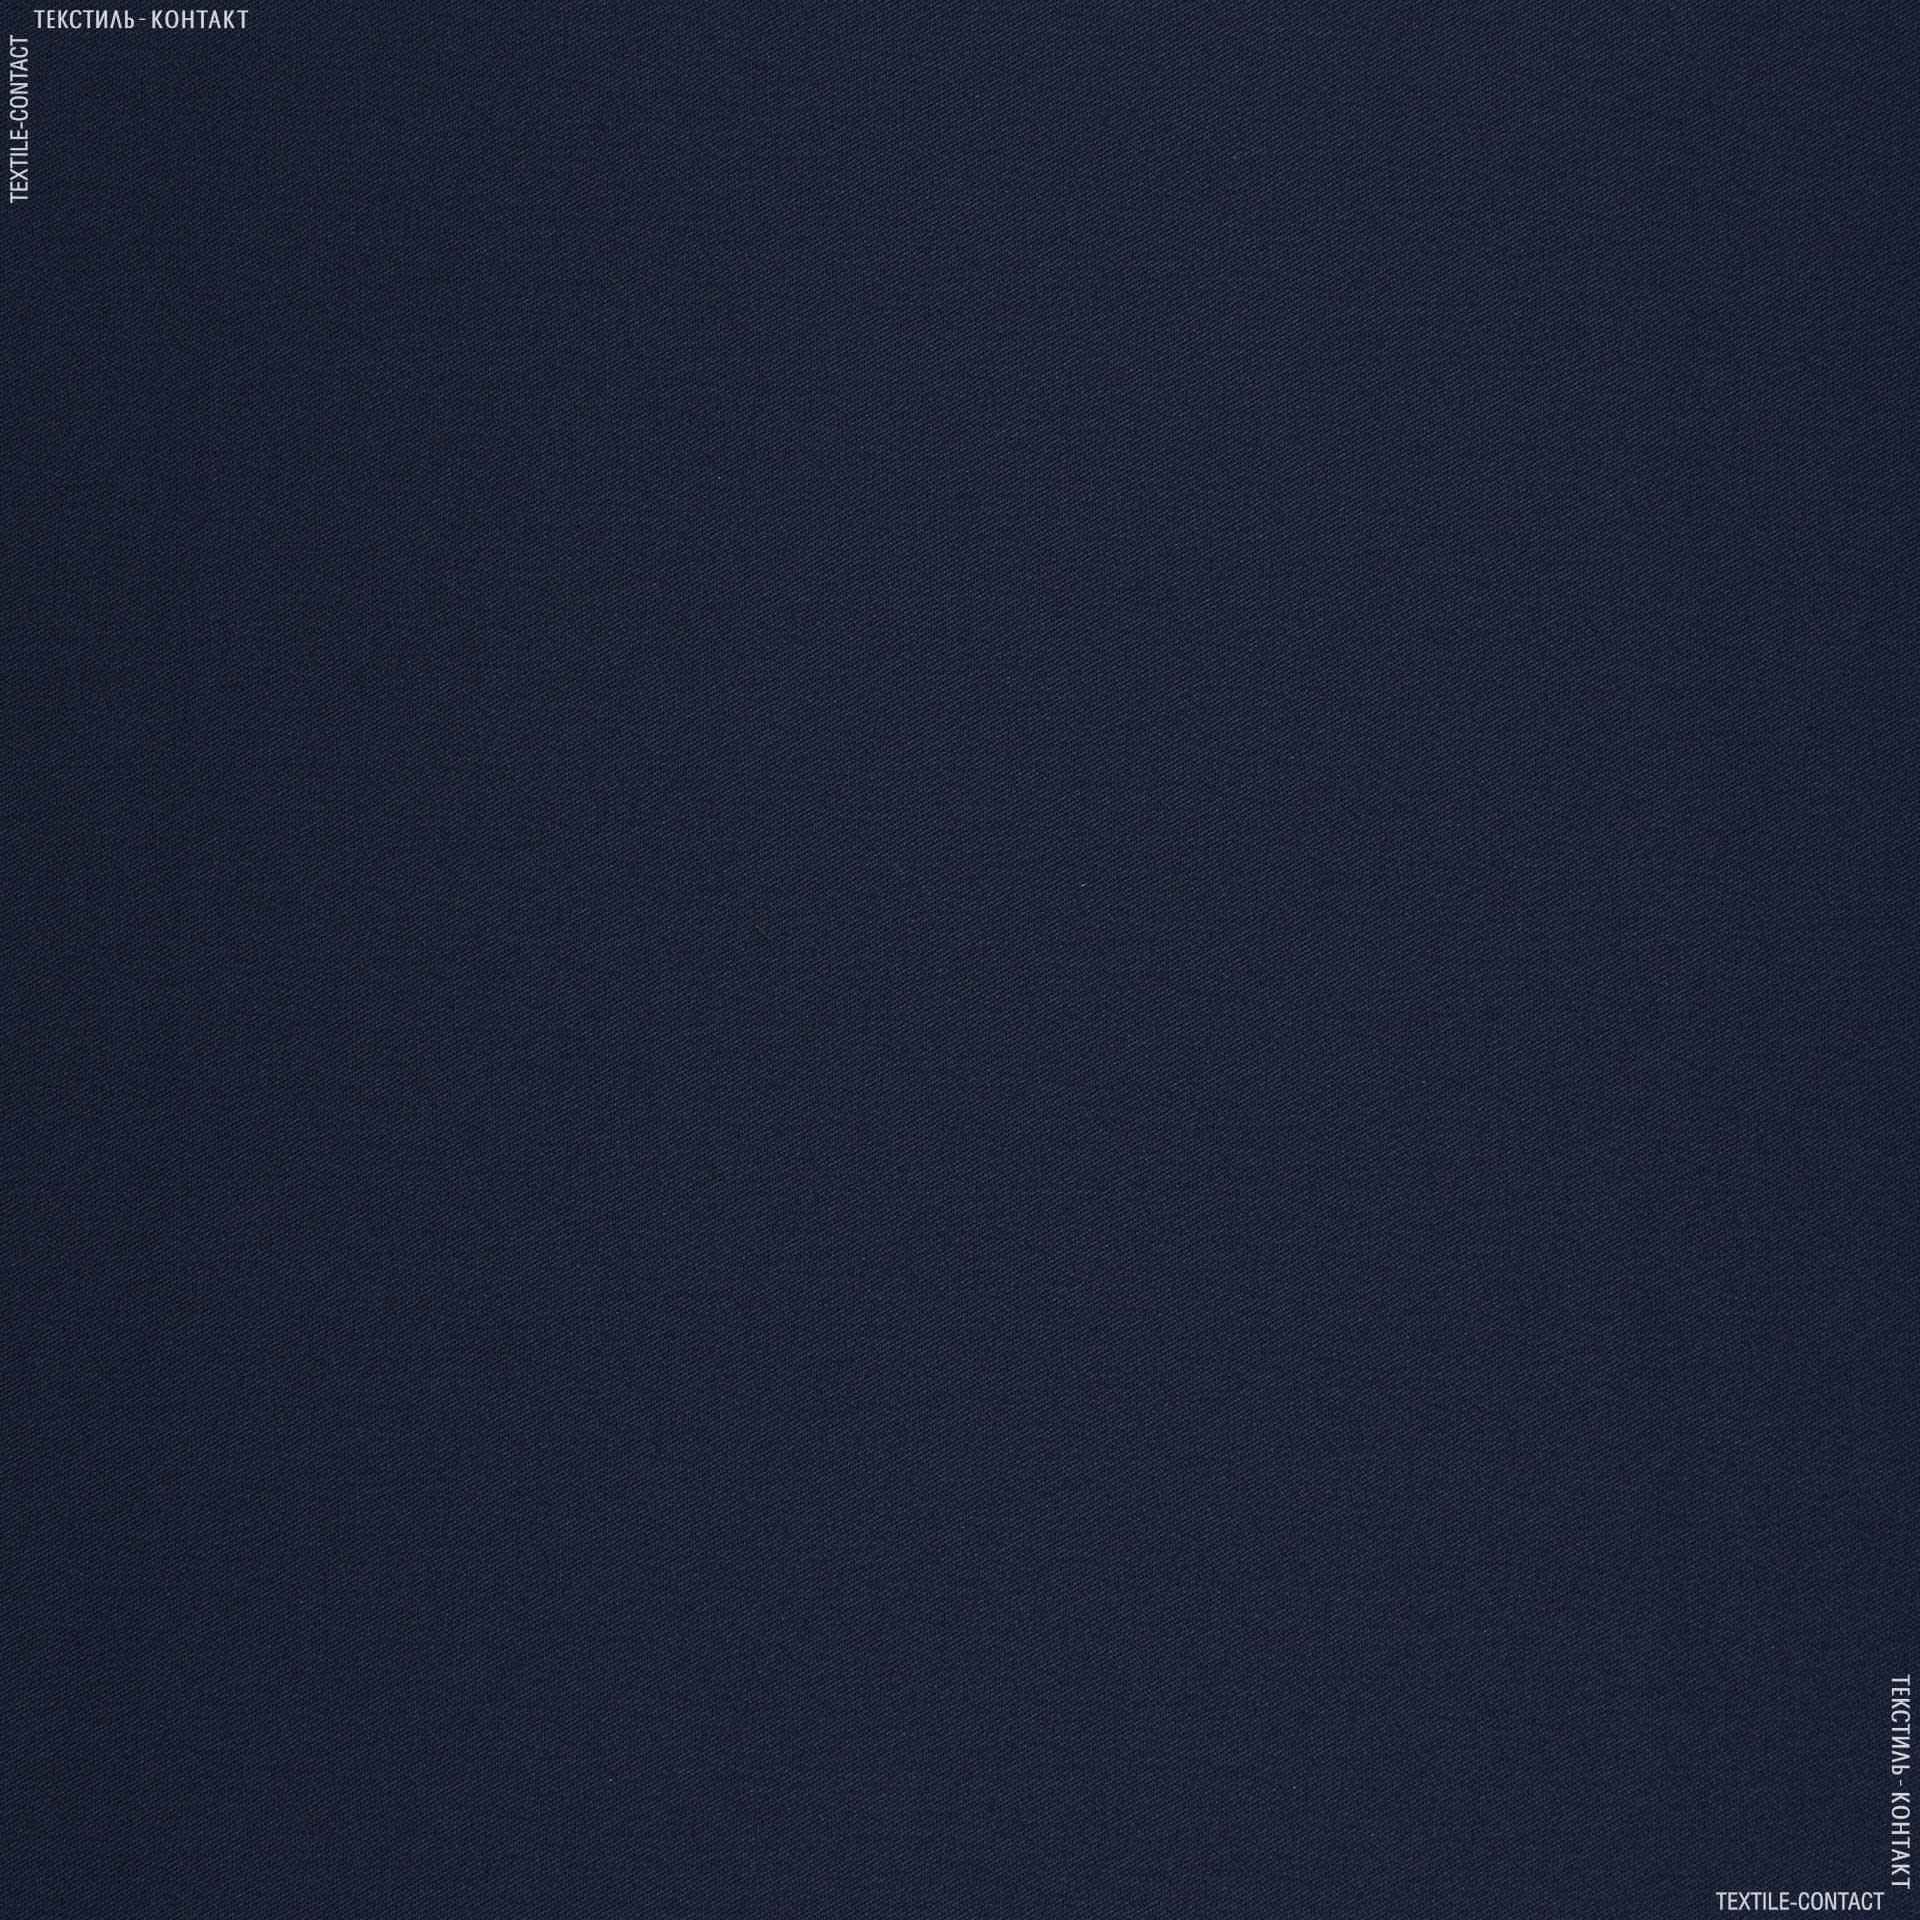 Тканини для рюкзаків - Саржа к1-704 темно-синій